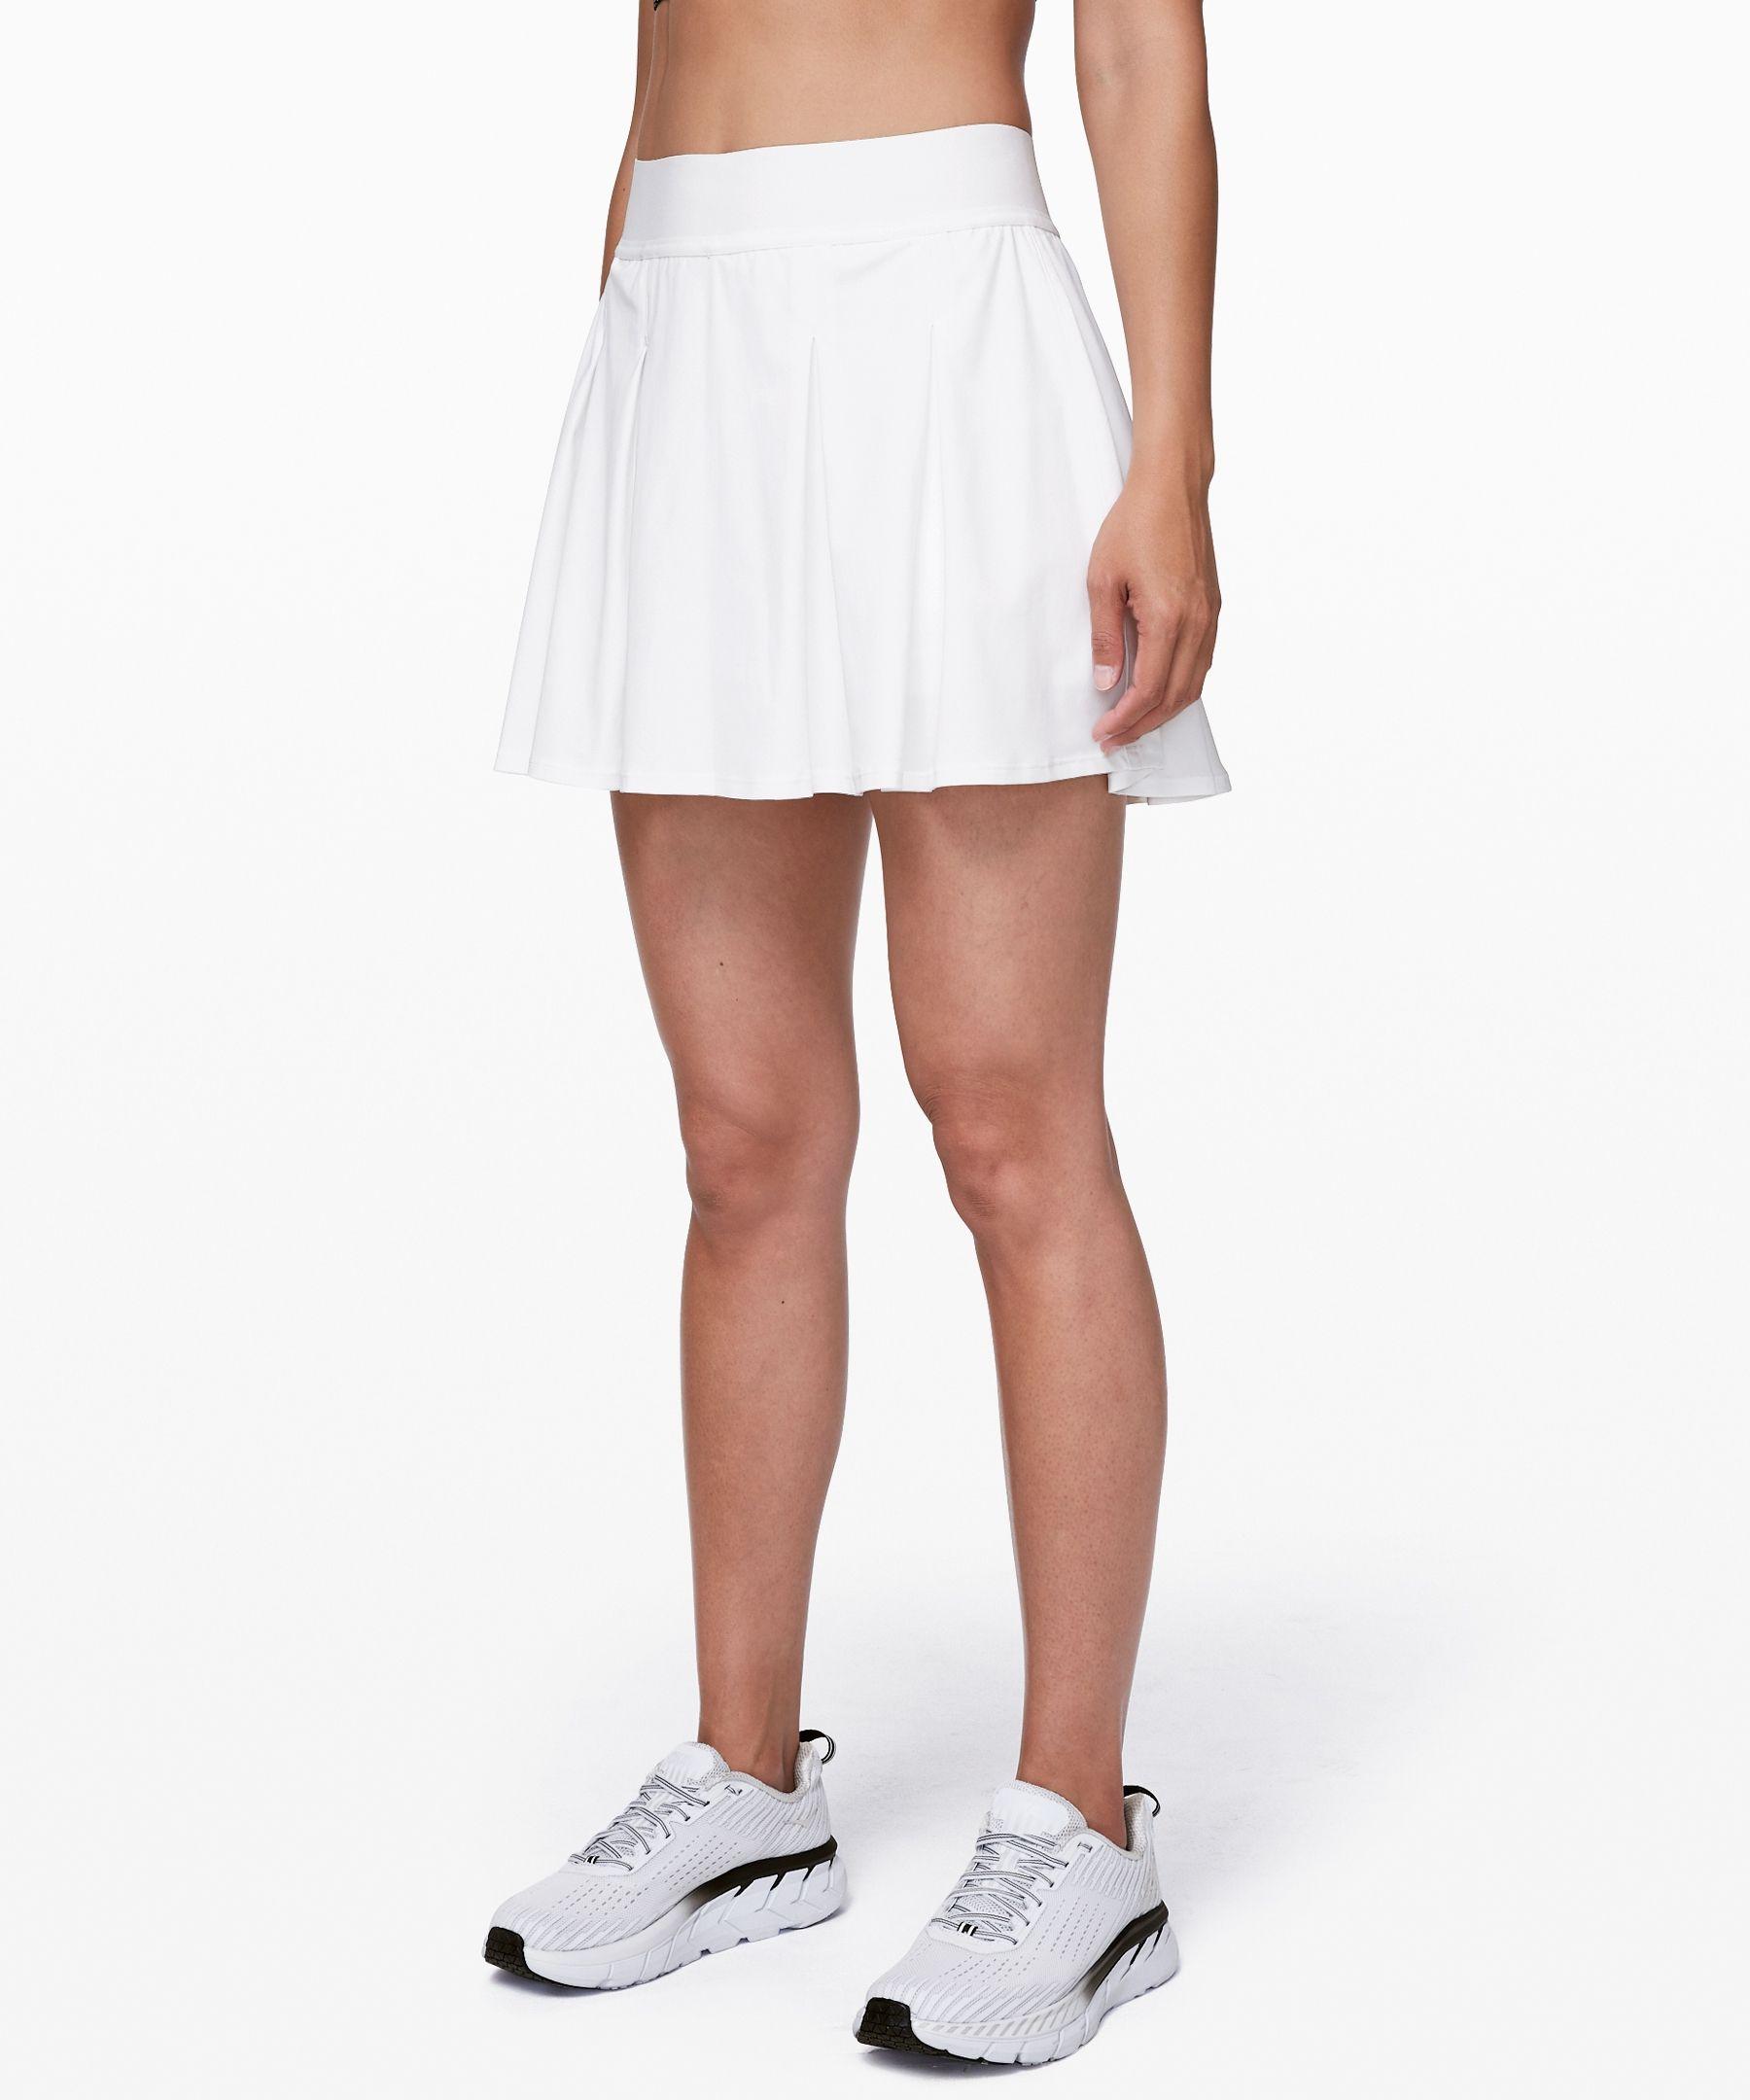 Lululemon Women S Tennis Time Skirt 15 White Size 14 With Images White Tennis Skirt Womens Skirt Womens Tennis Skirts